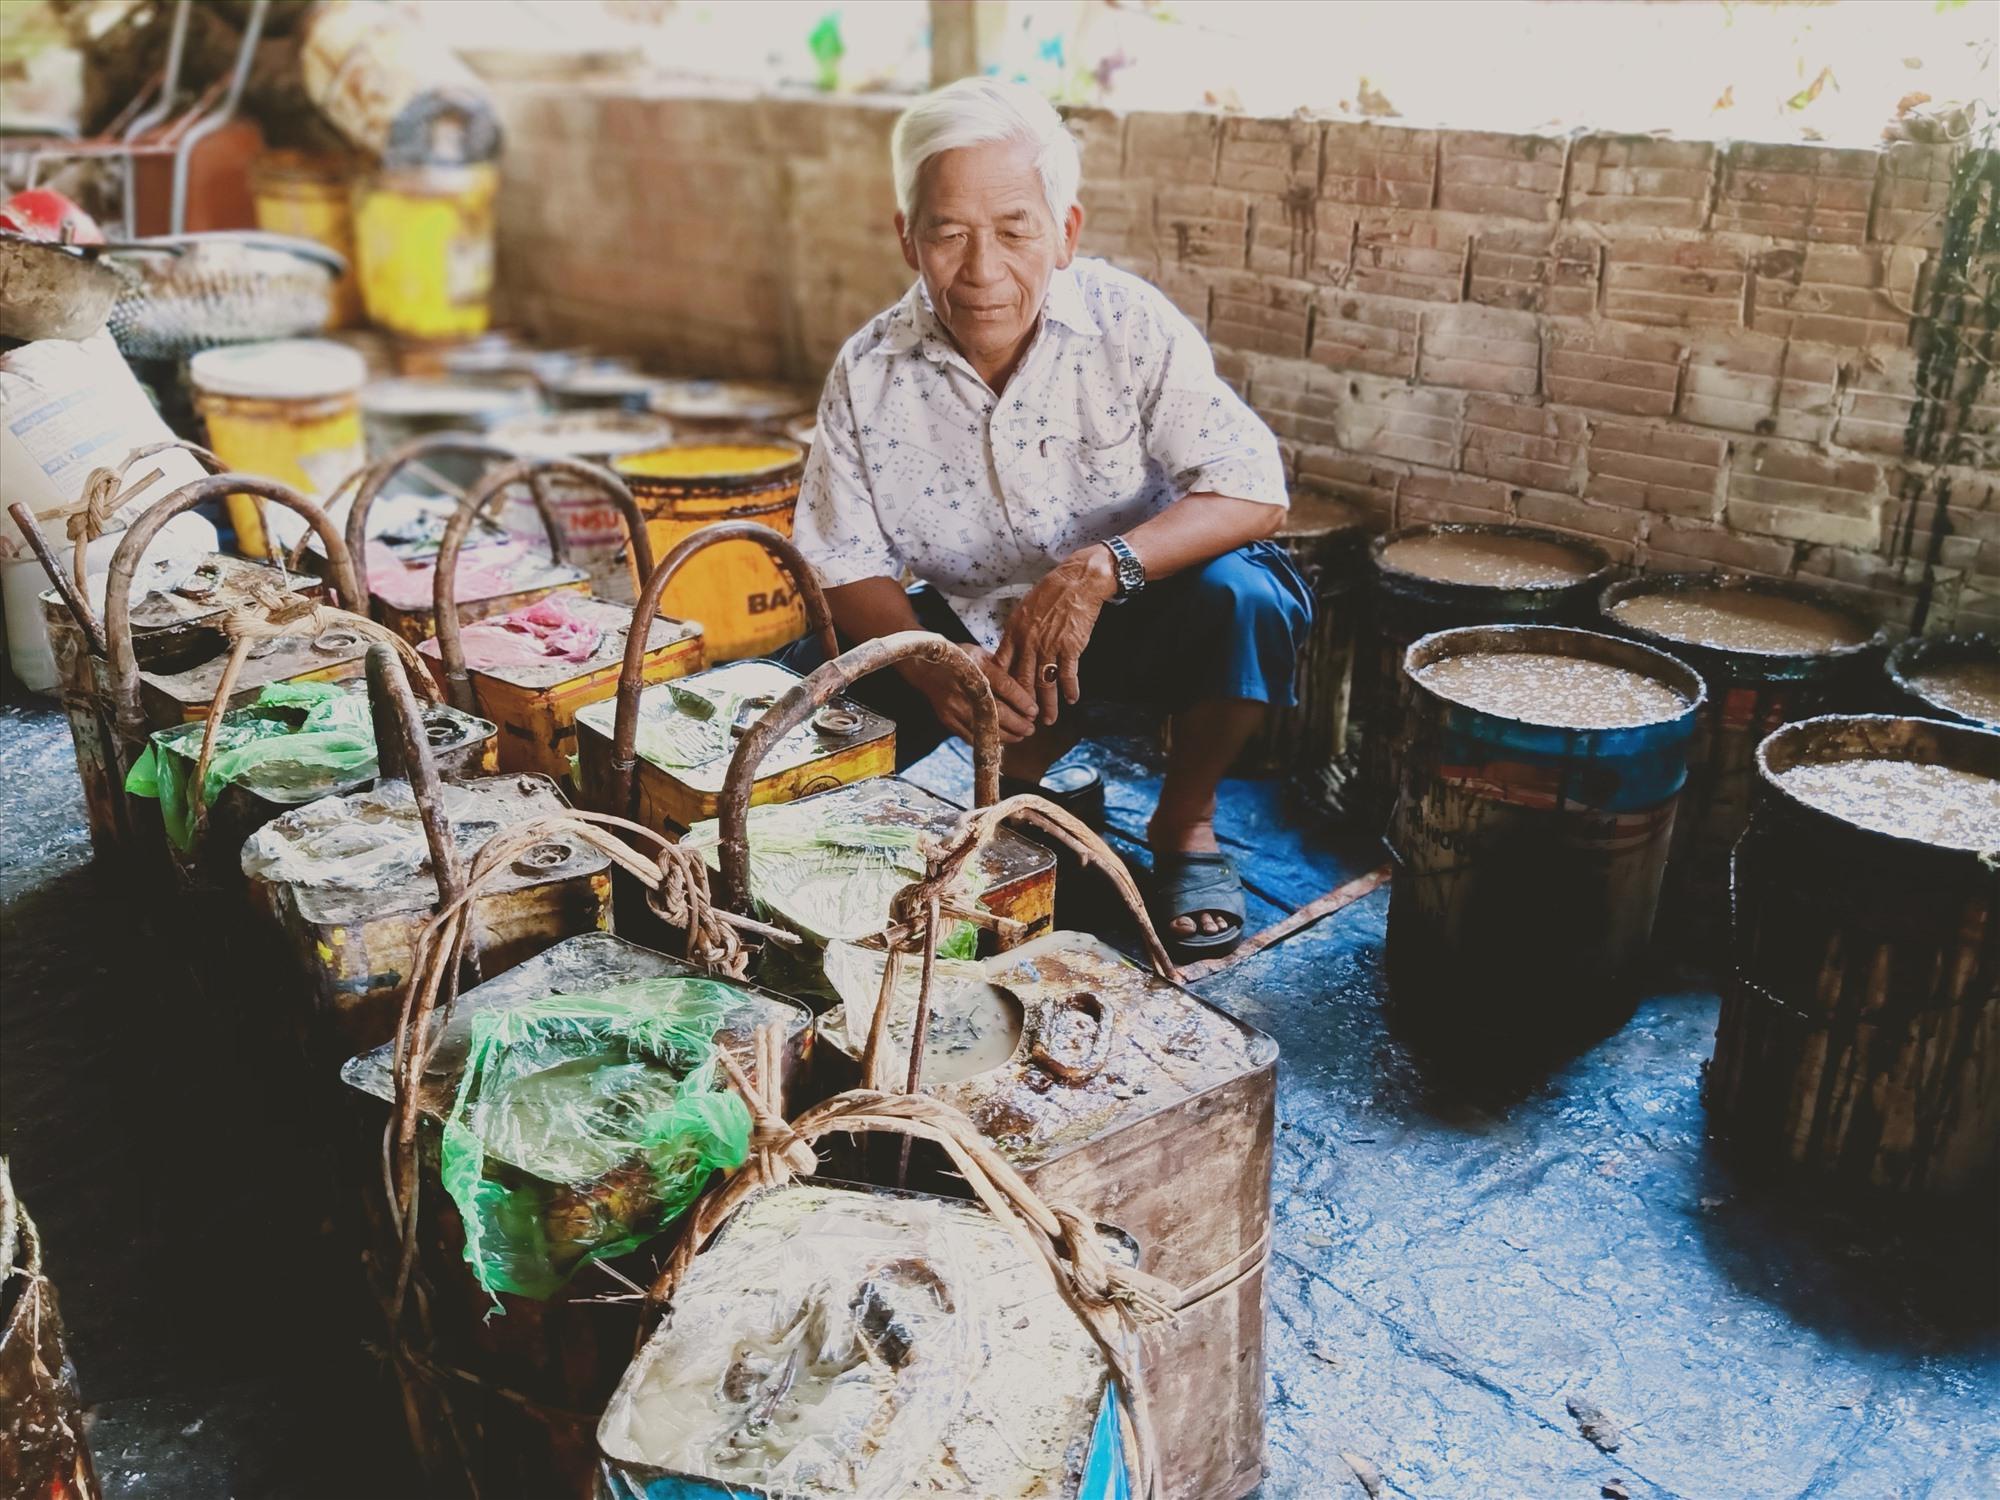 Ông Đỗ Thế Hảo, một tiểAu thương có hơn 30 năm thu mua, sơ chế và xuất bán dầu rái ở Đại Thạnh. Ảnh: HOÀNG LIÊN